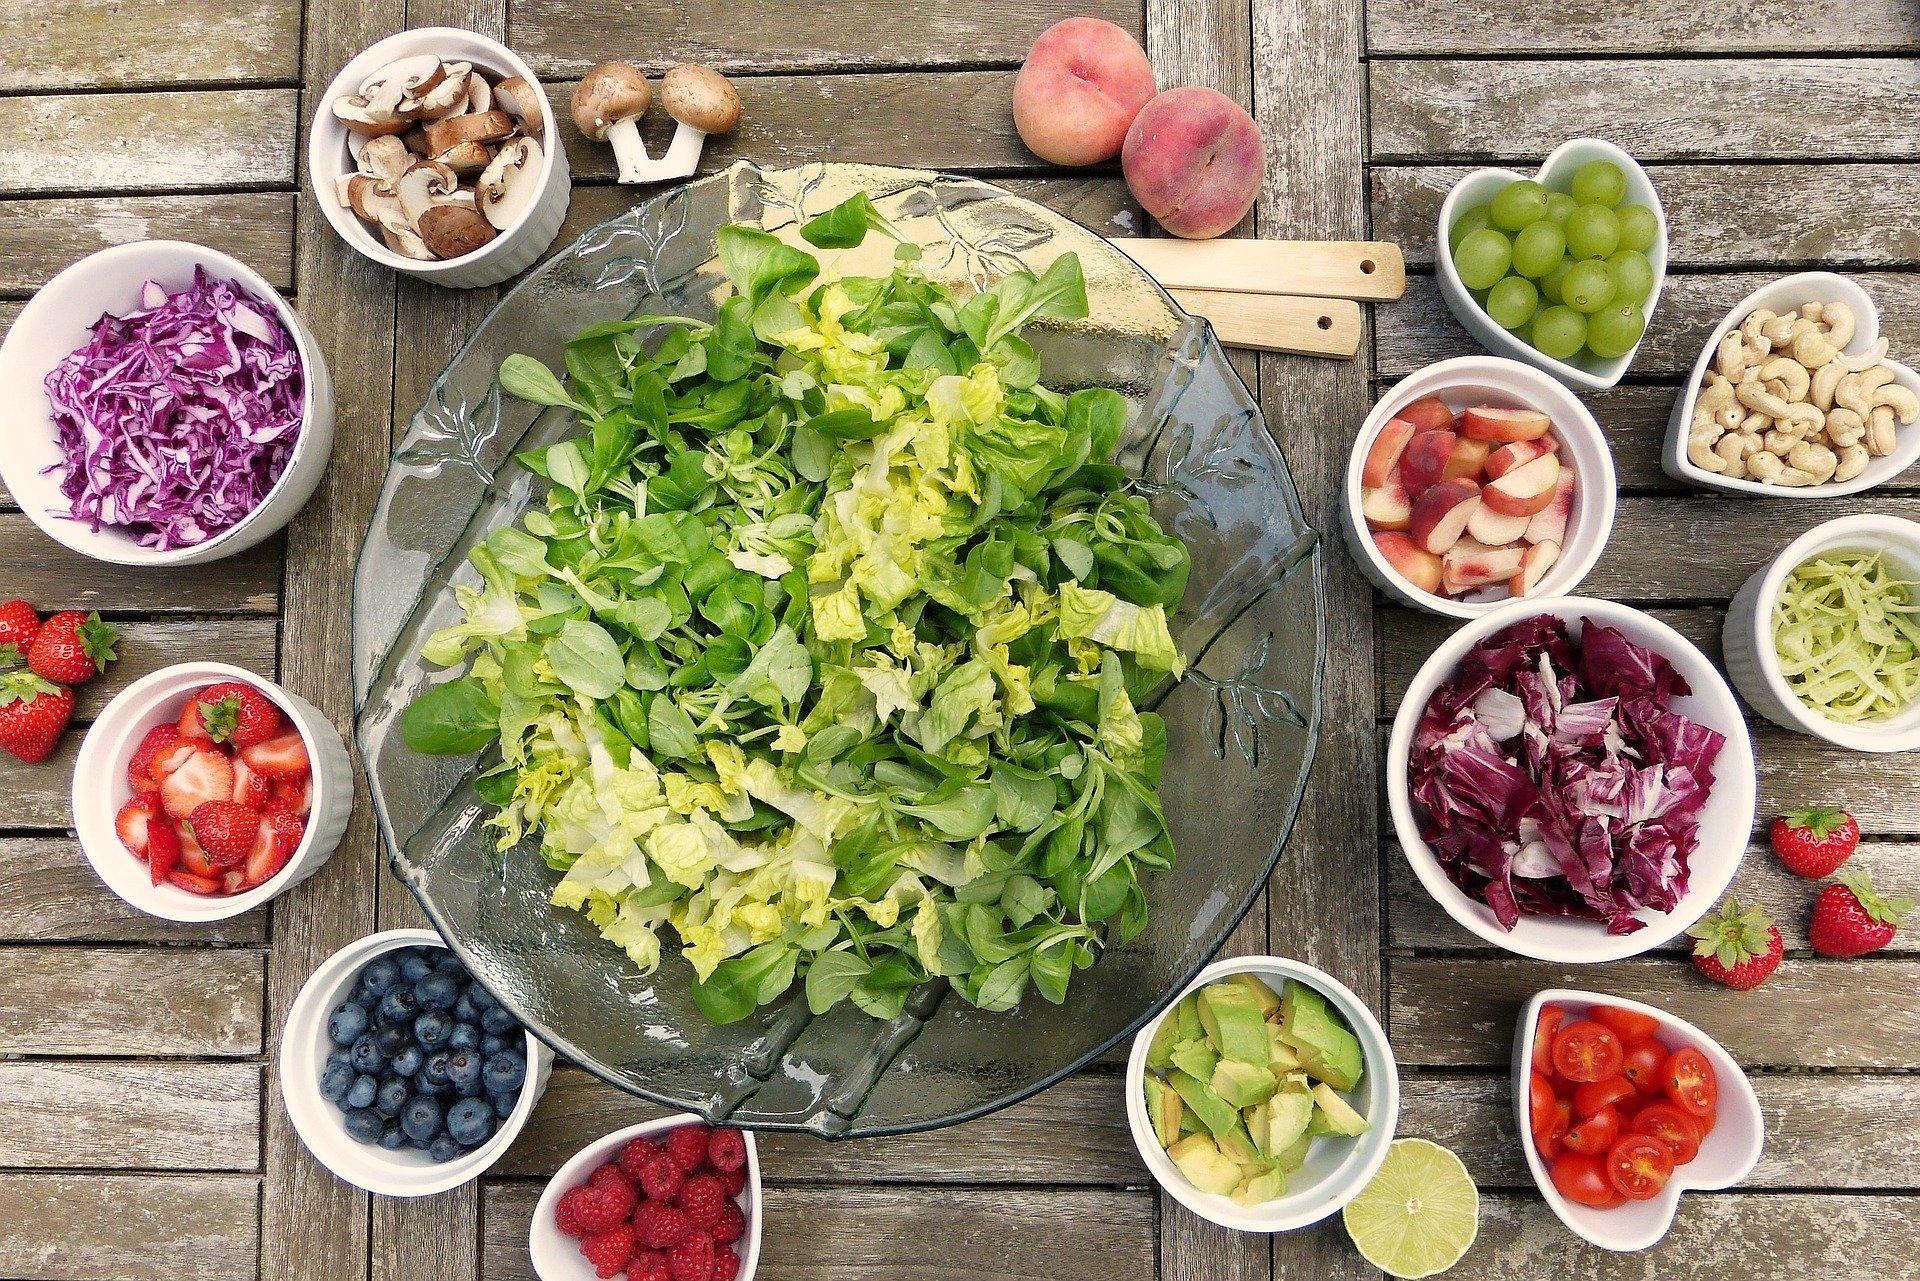 Dlaczego zróżnicowanie diety jest tak ważne